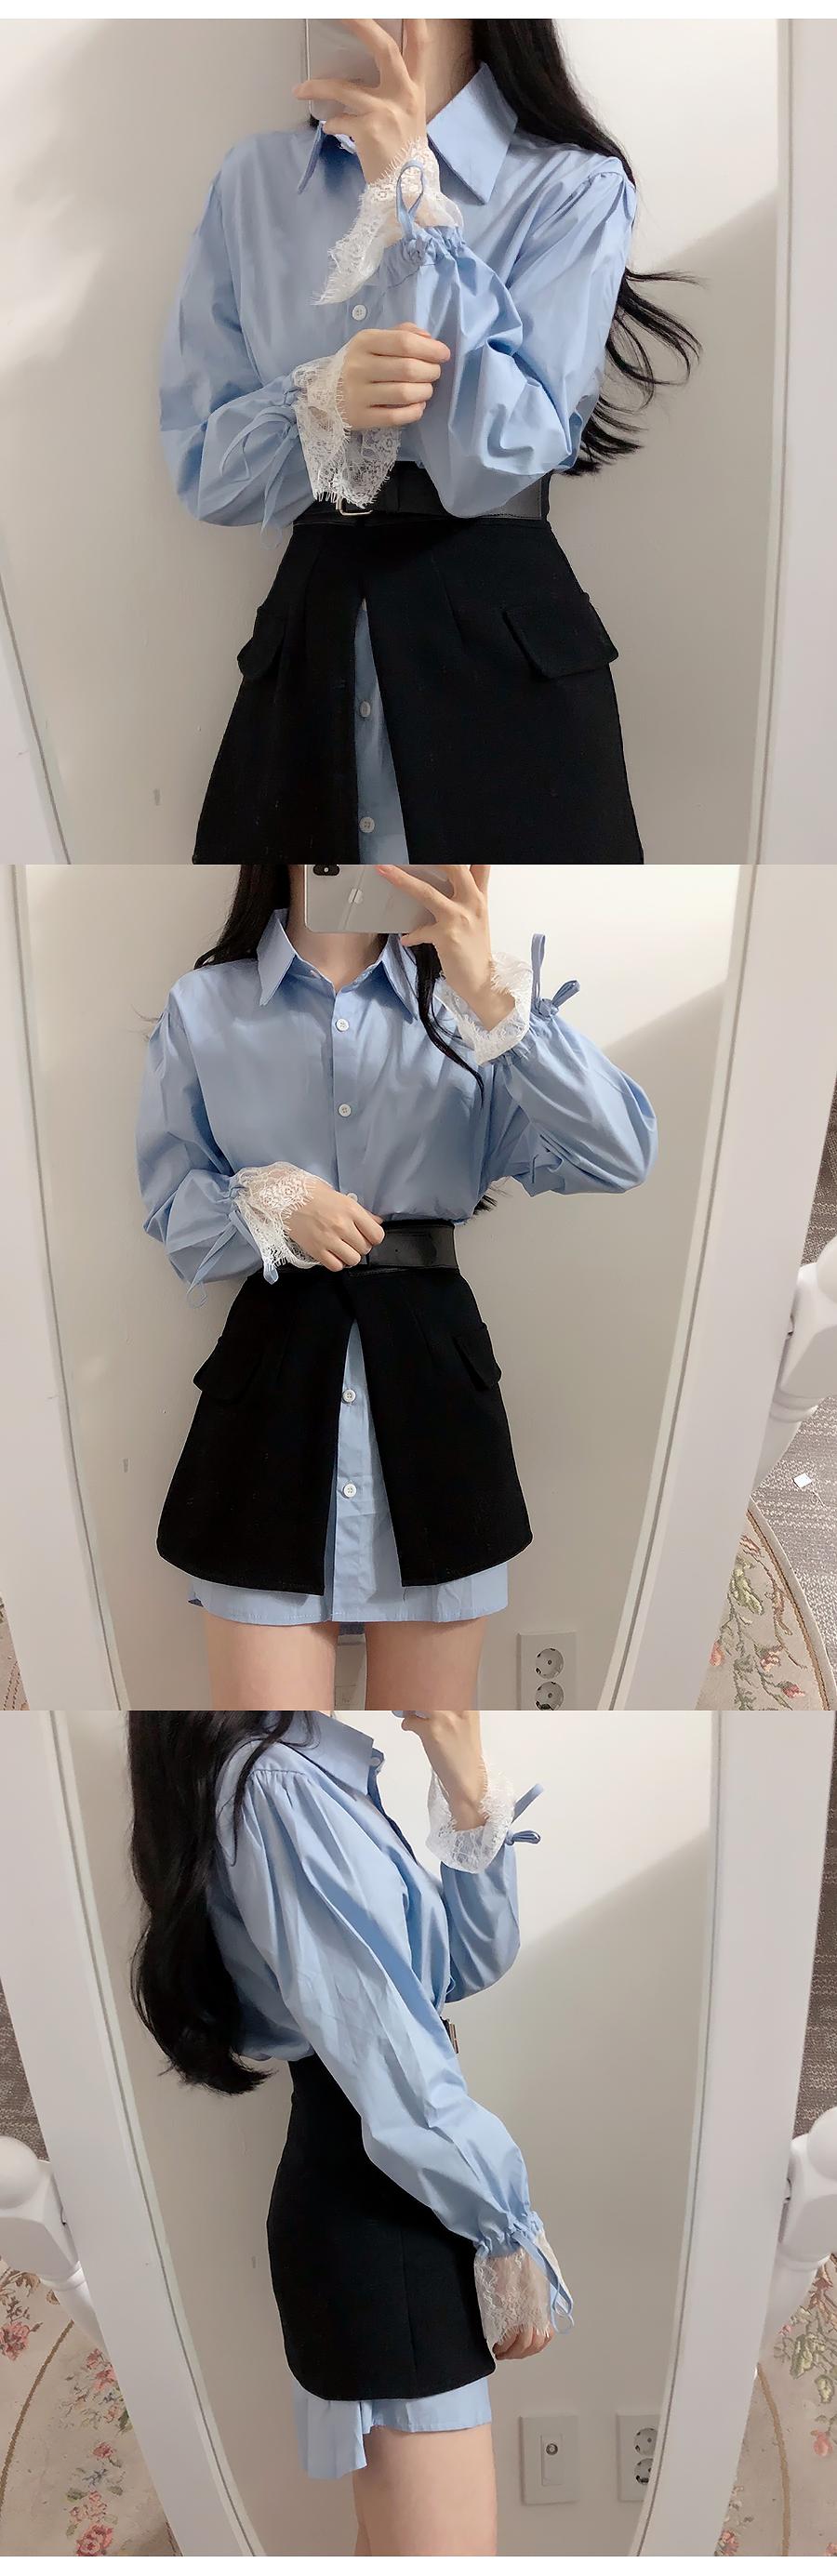 Restock ♥ Balloon Shirt + Buckle Skirt Dress Set